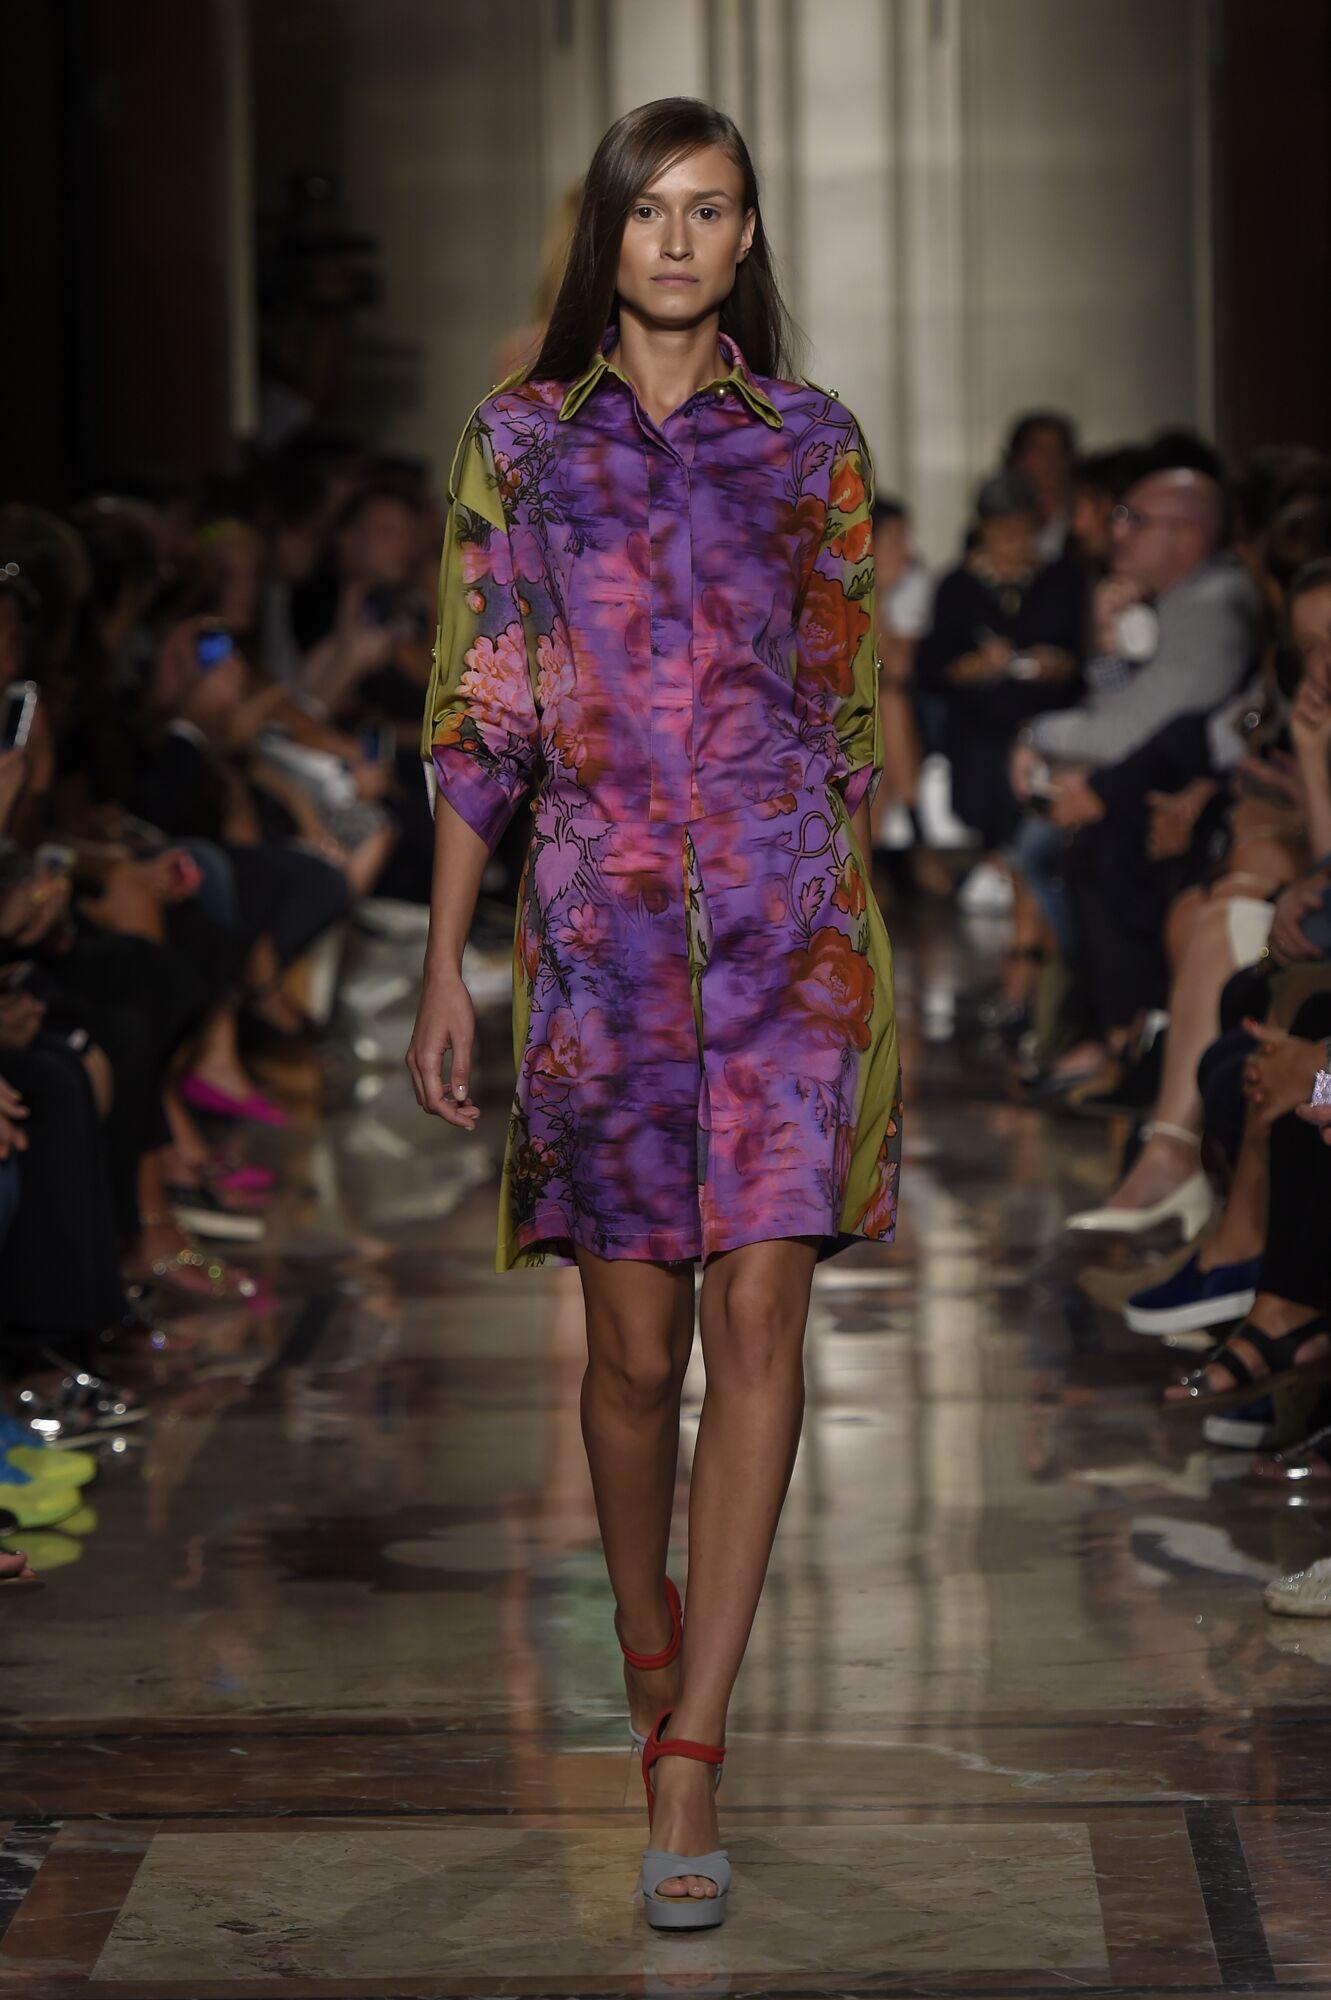 Spring 2015 Woman Fashion Show Andrea Incontri